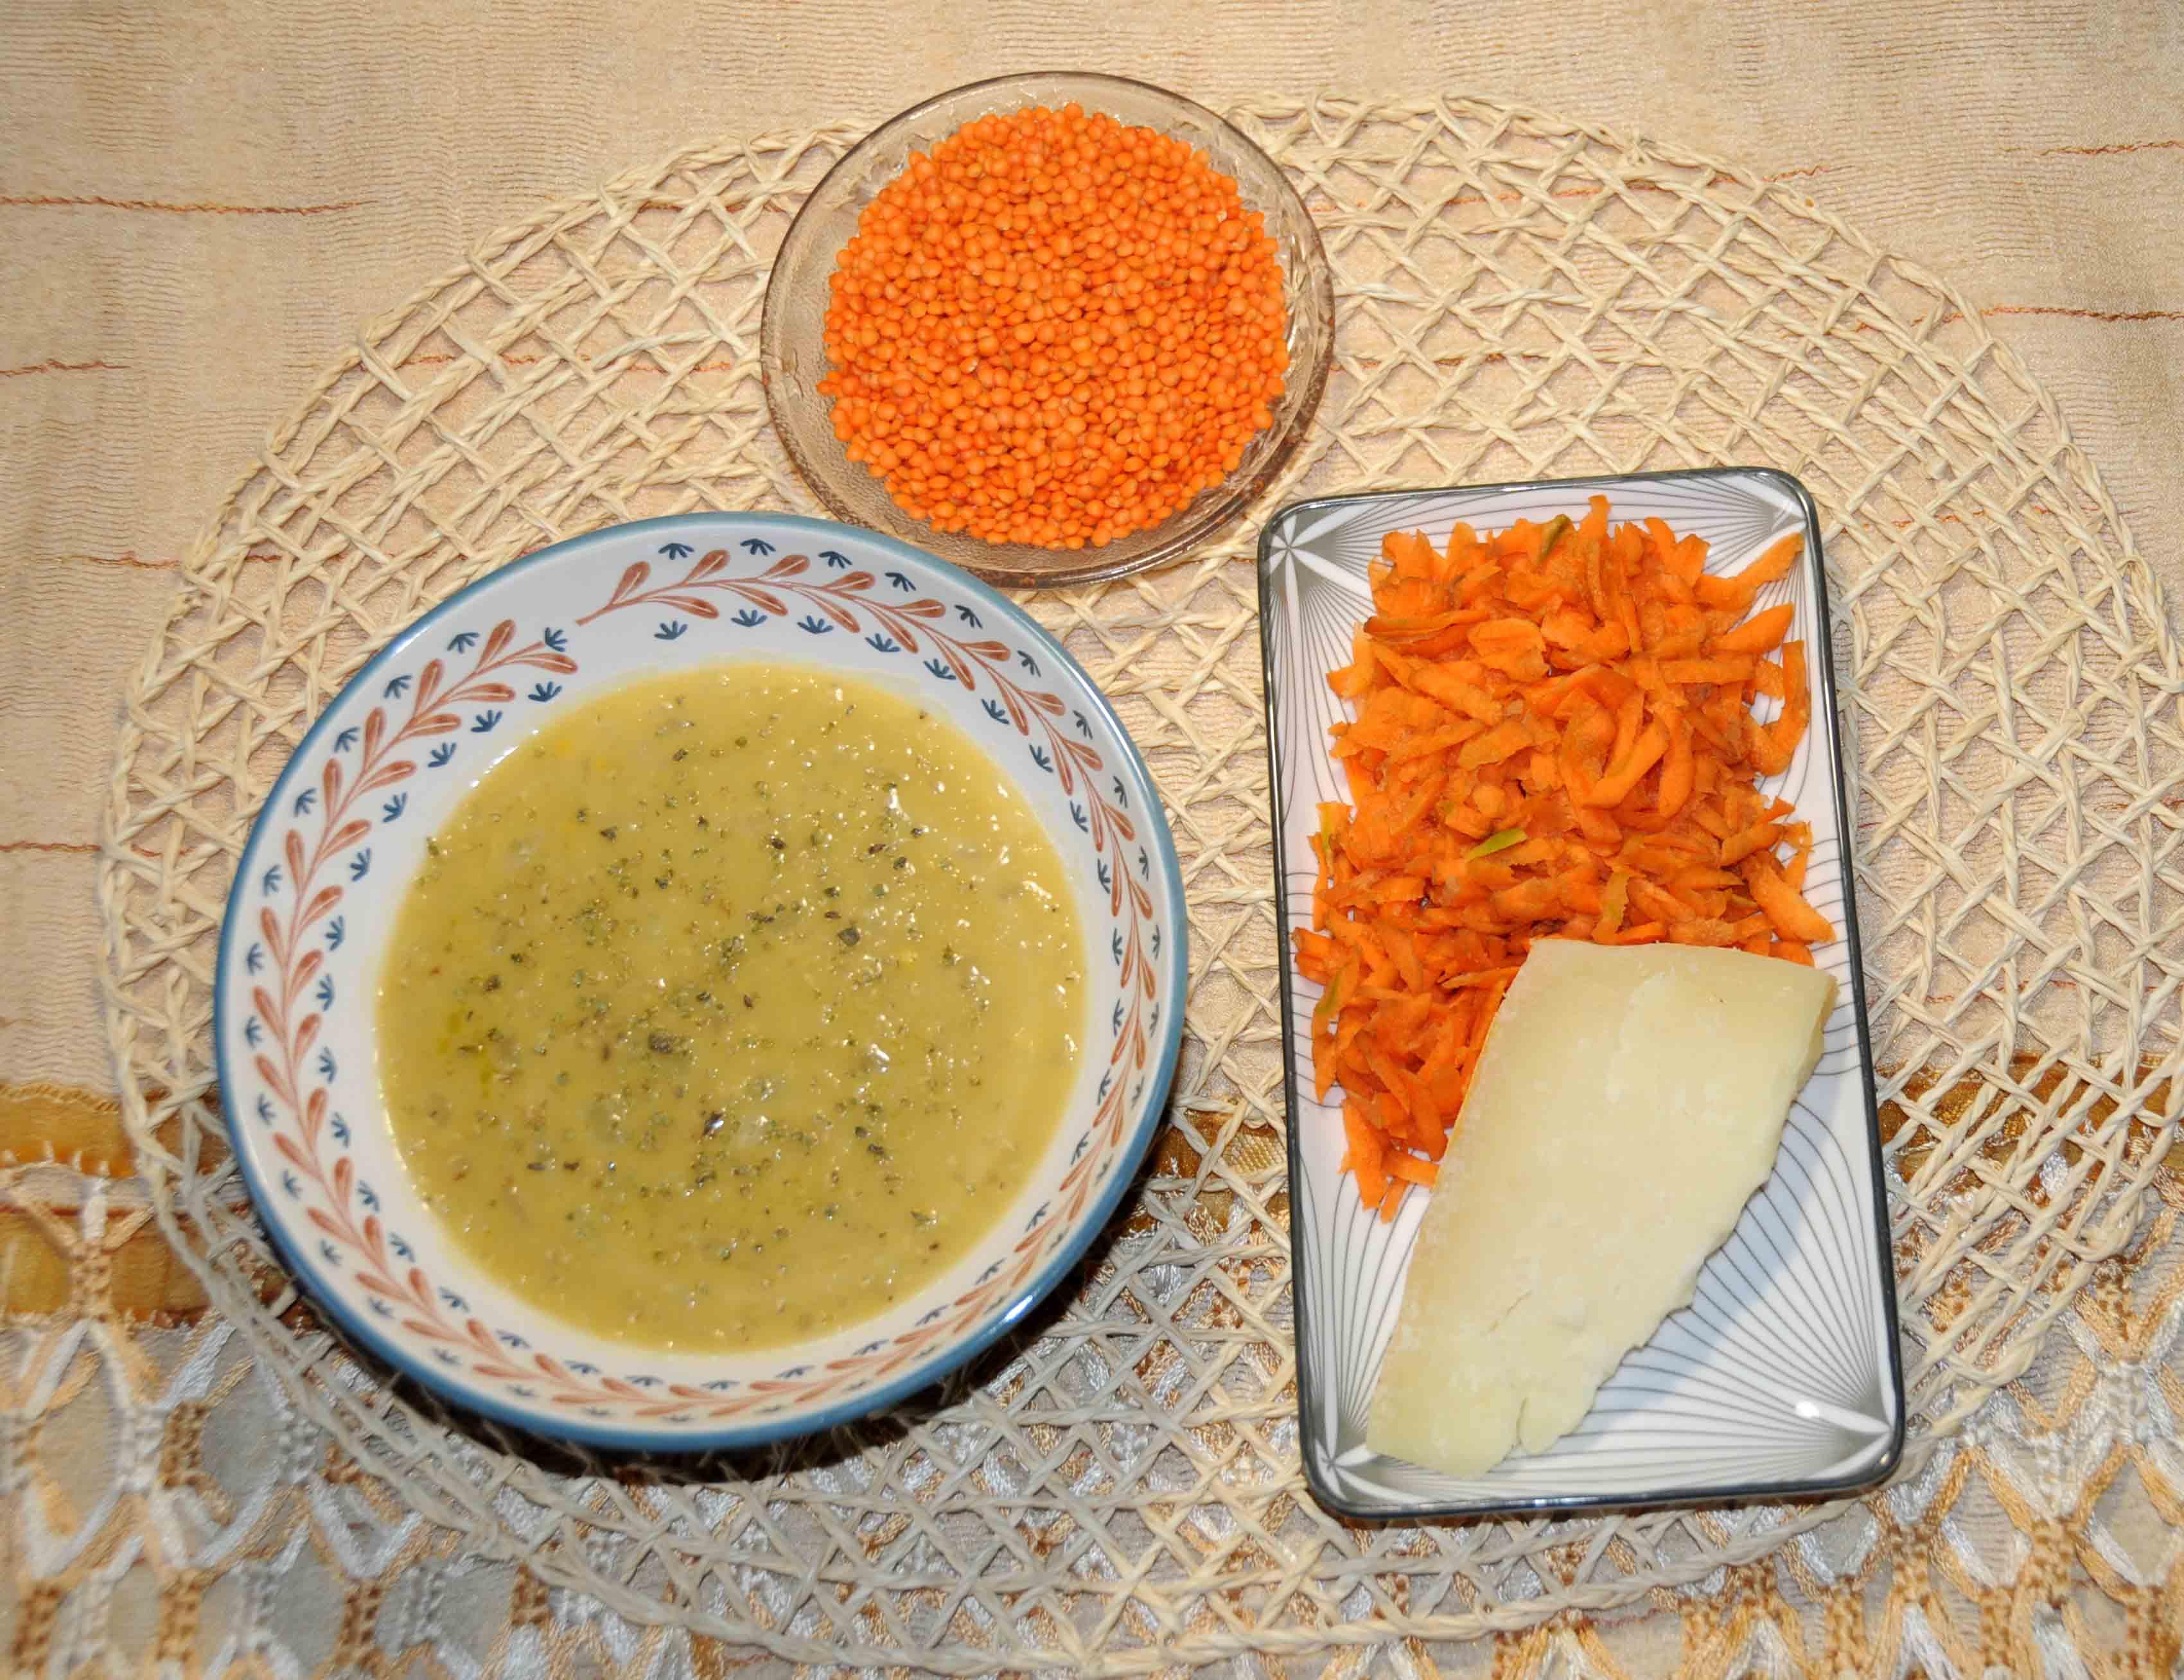 Κόκκινες φακές με καρότο σαλάτα και 100 γρ τυρί γραβιέρα - Red lentils with carrot salad and 100 grams of gruyere